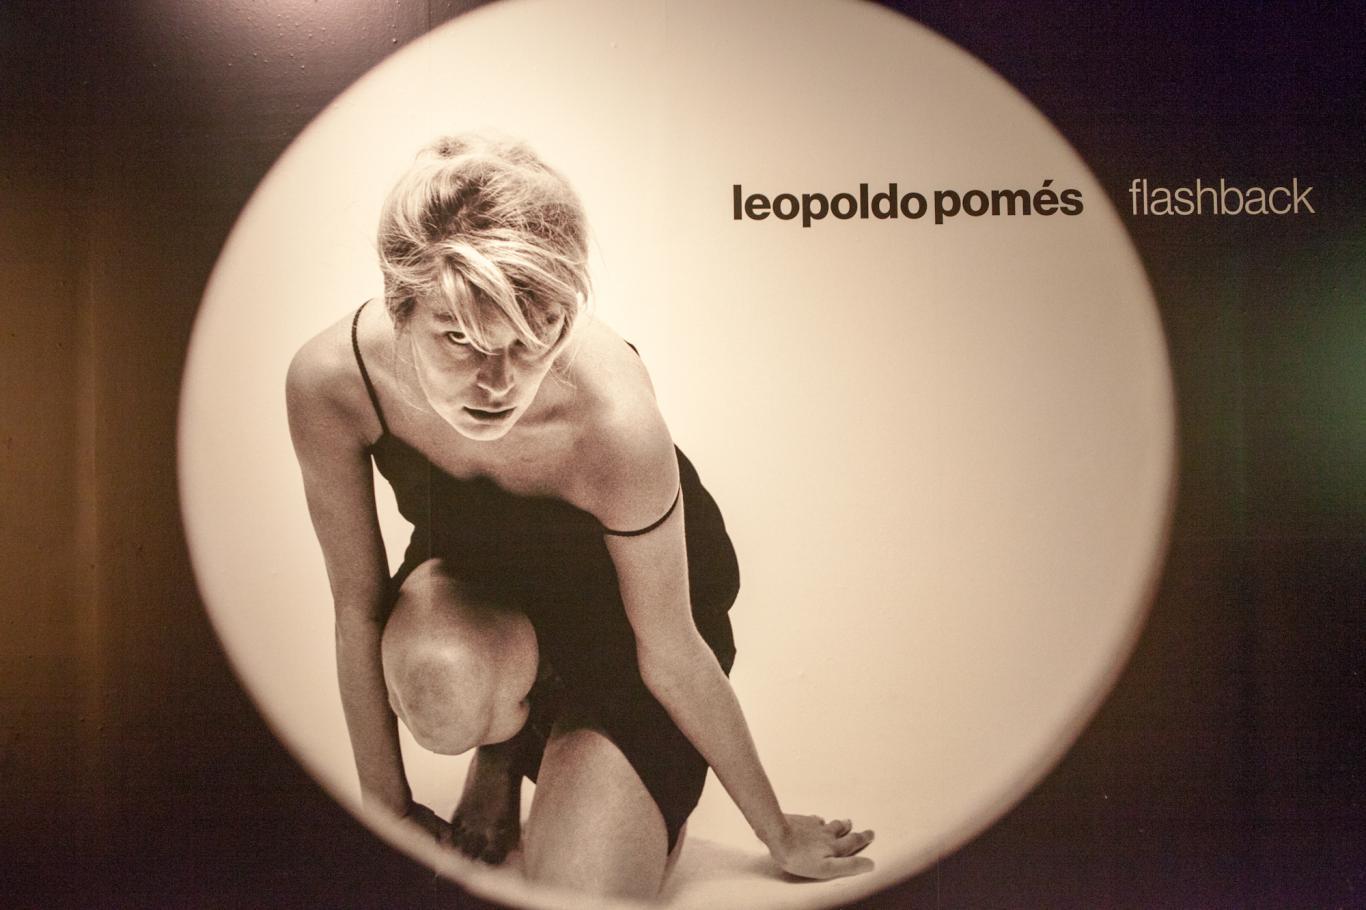 Foto de Leopoldo Pomés que es un recorte circular que enfoca a una modelo rubia arrodillada y con vestido negro que mira a la cámara